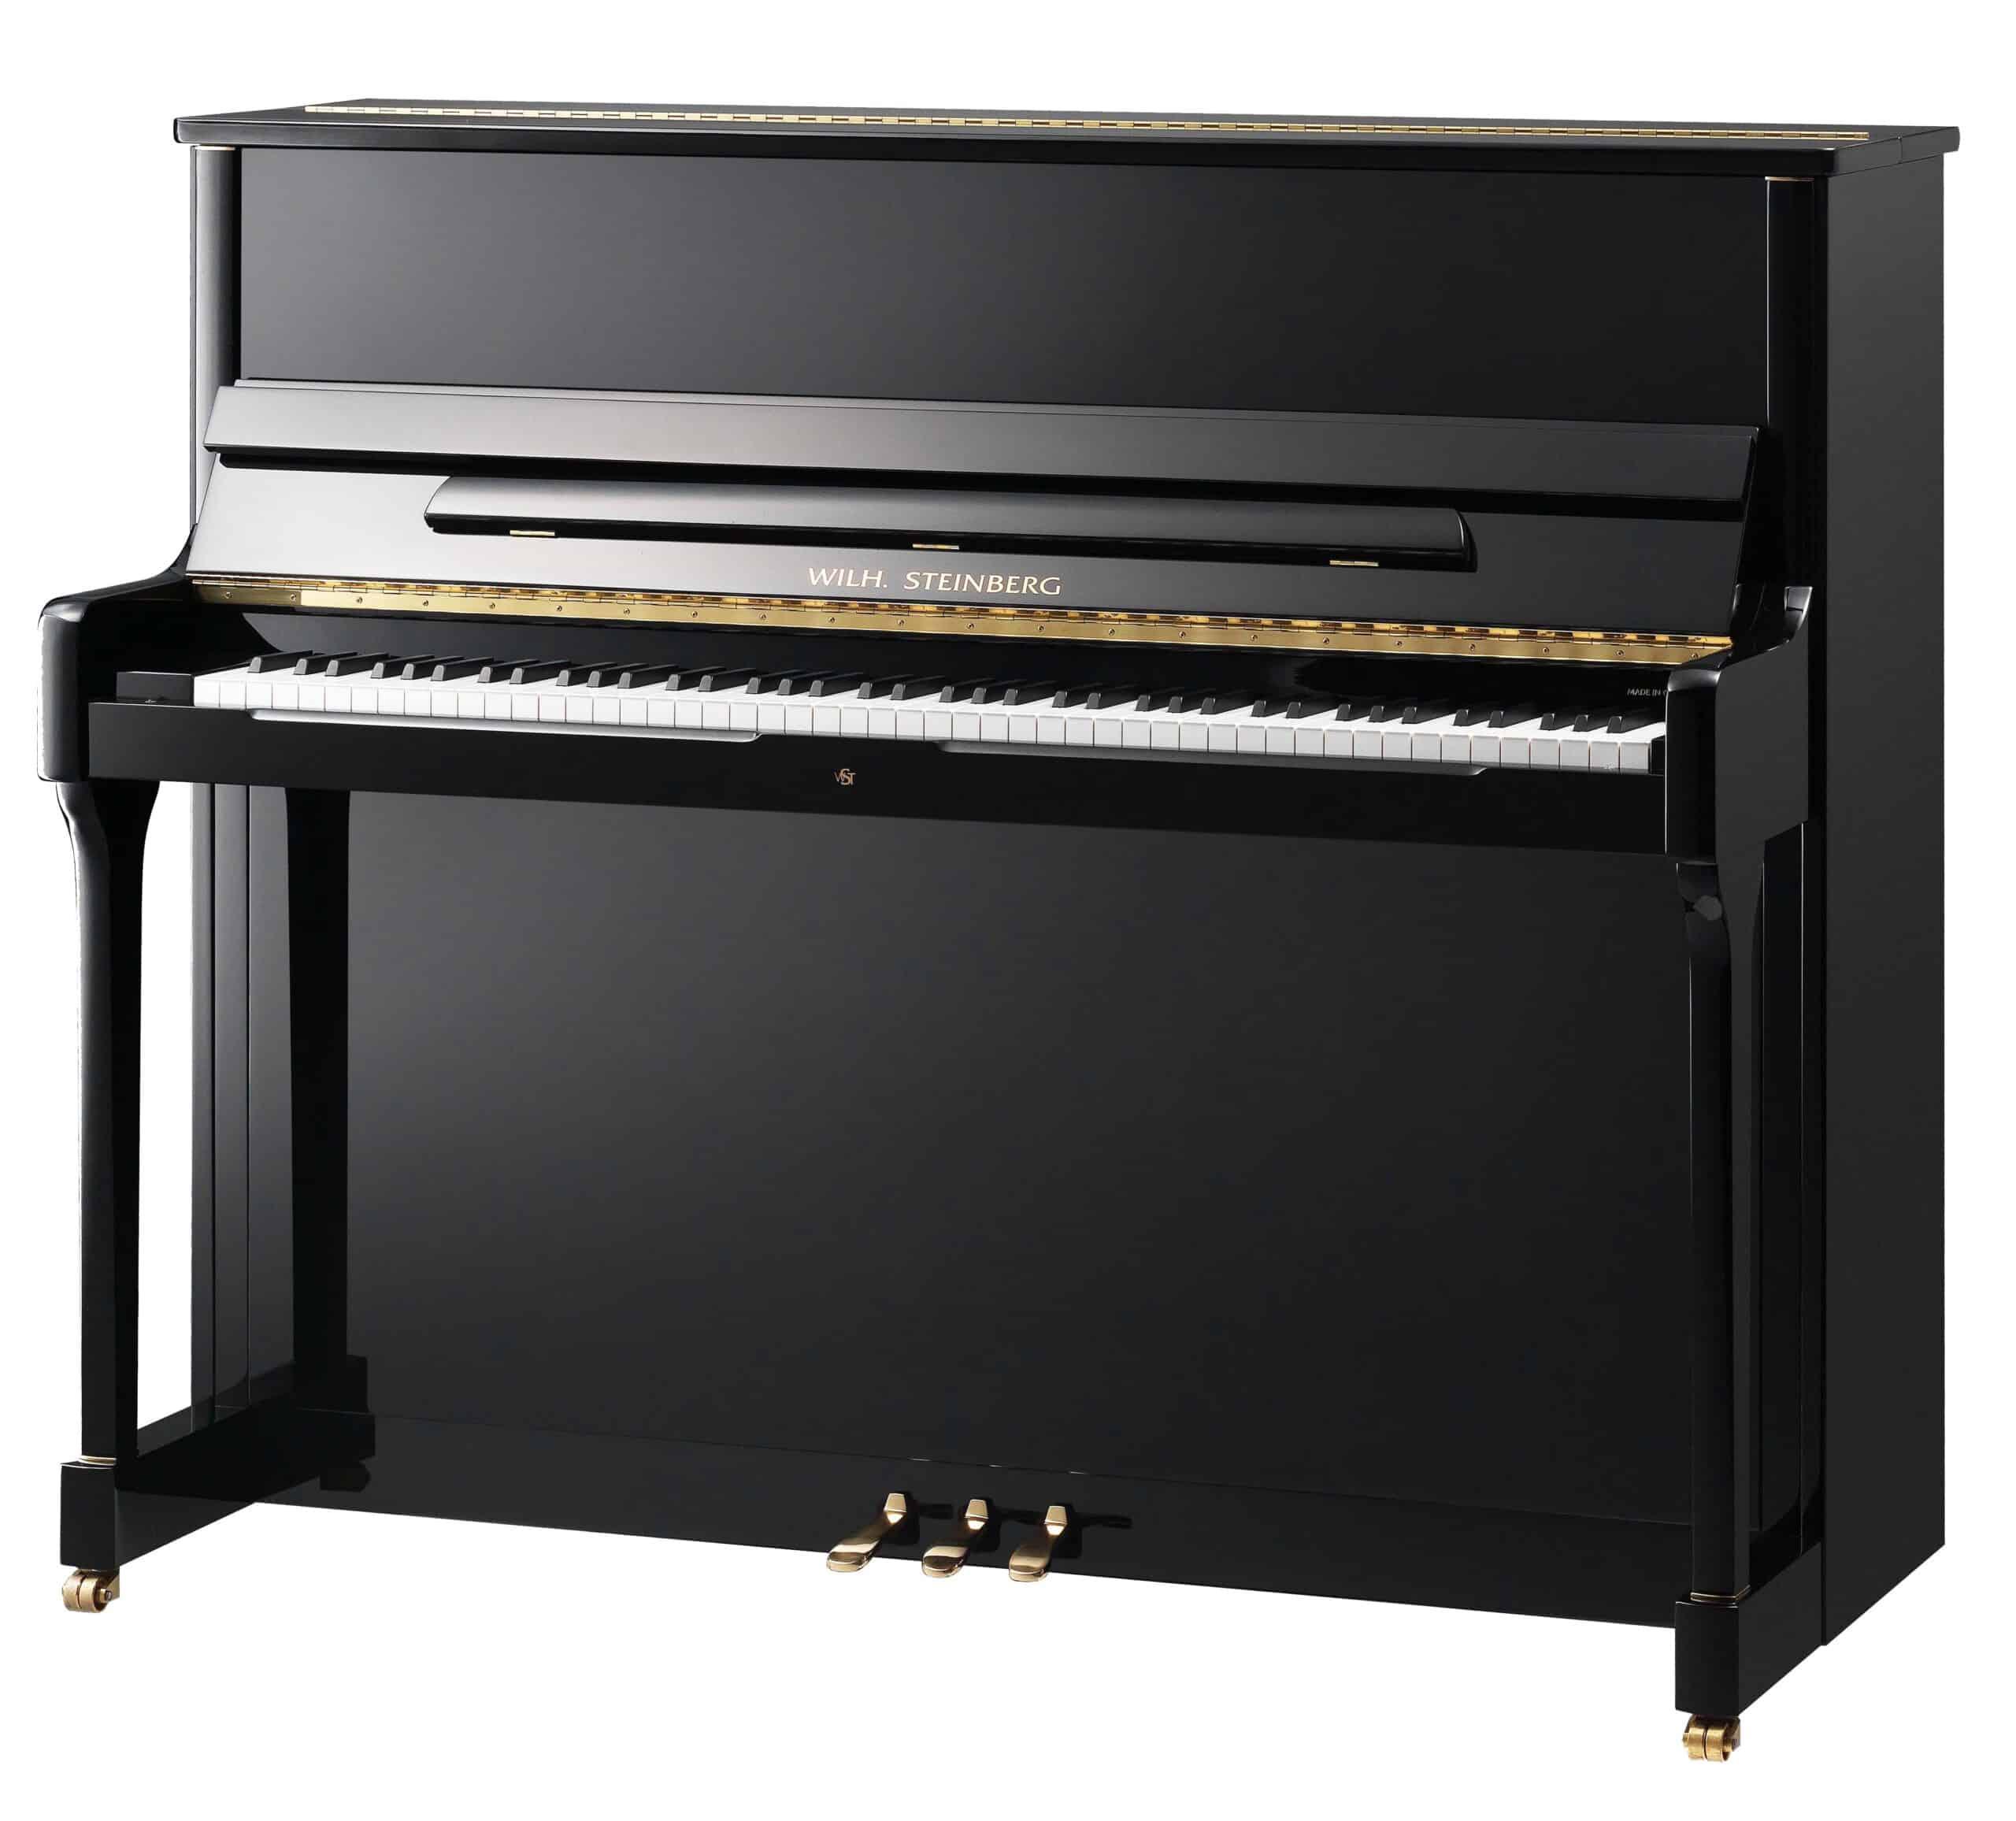 Wilhelm Steinberg Klavier S 117